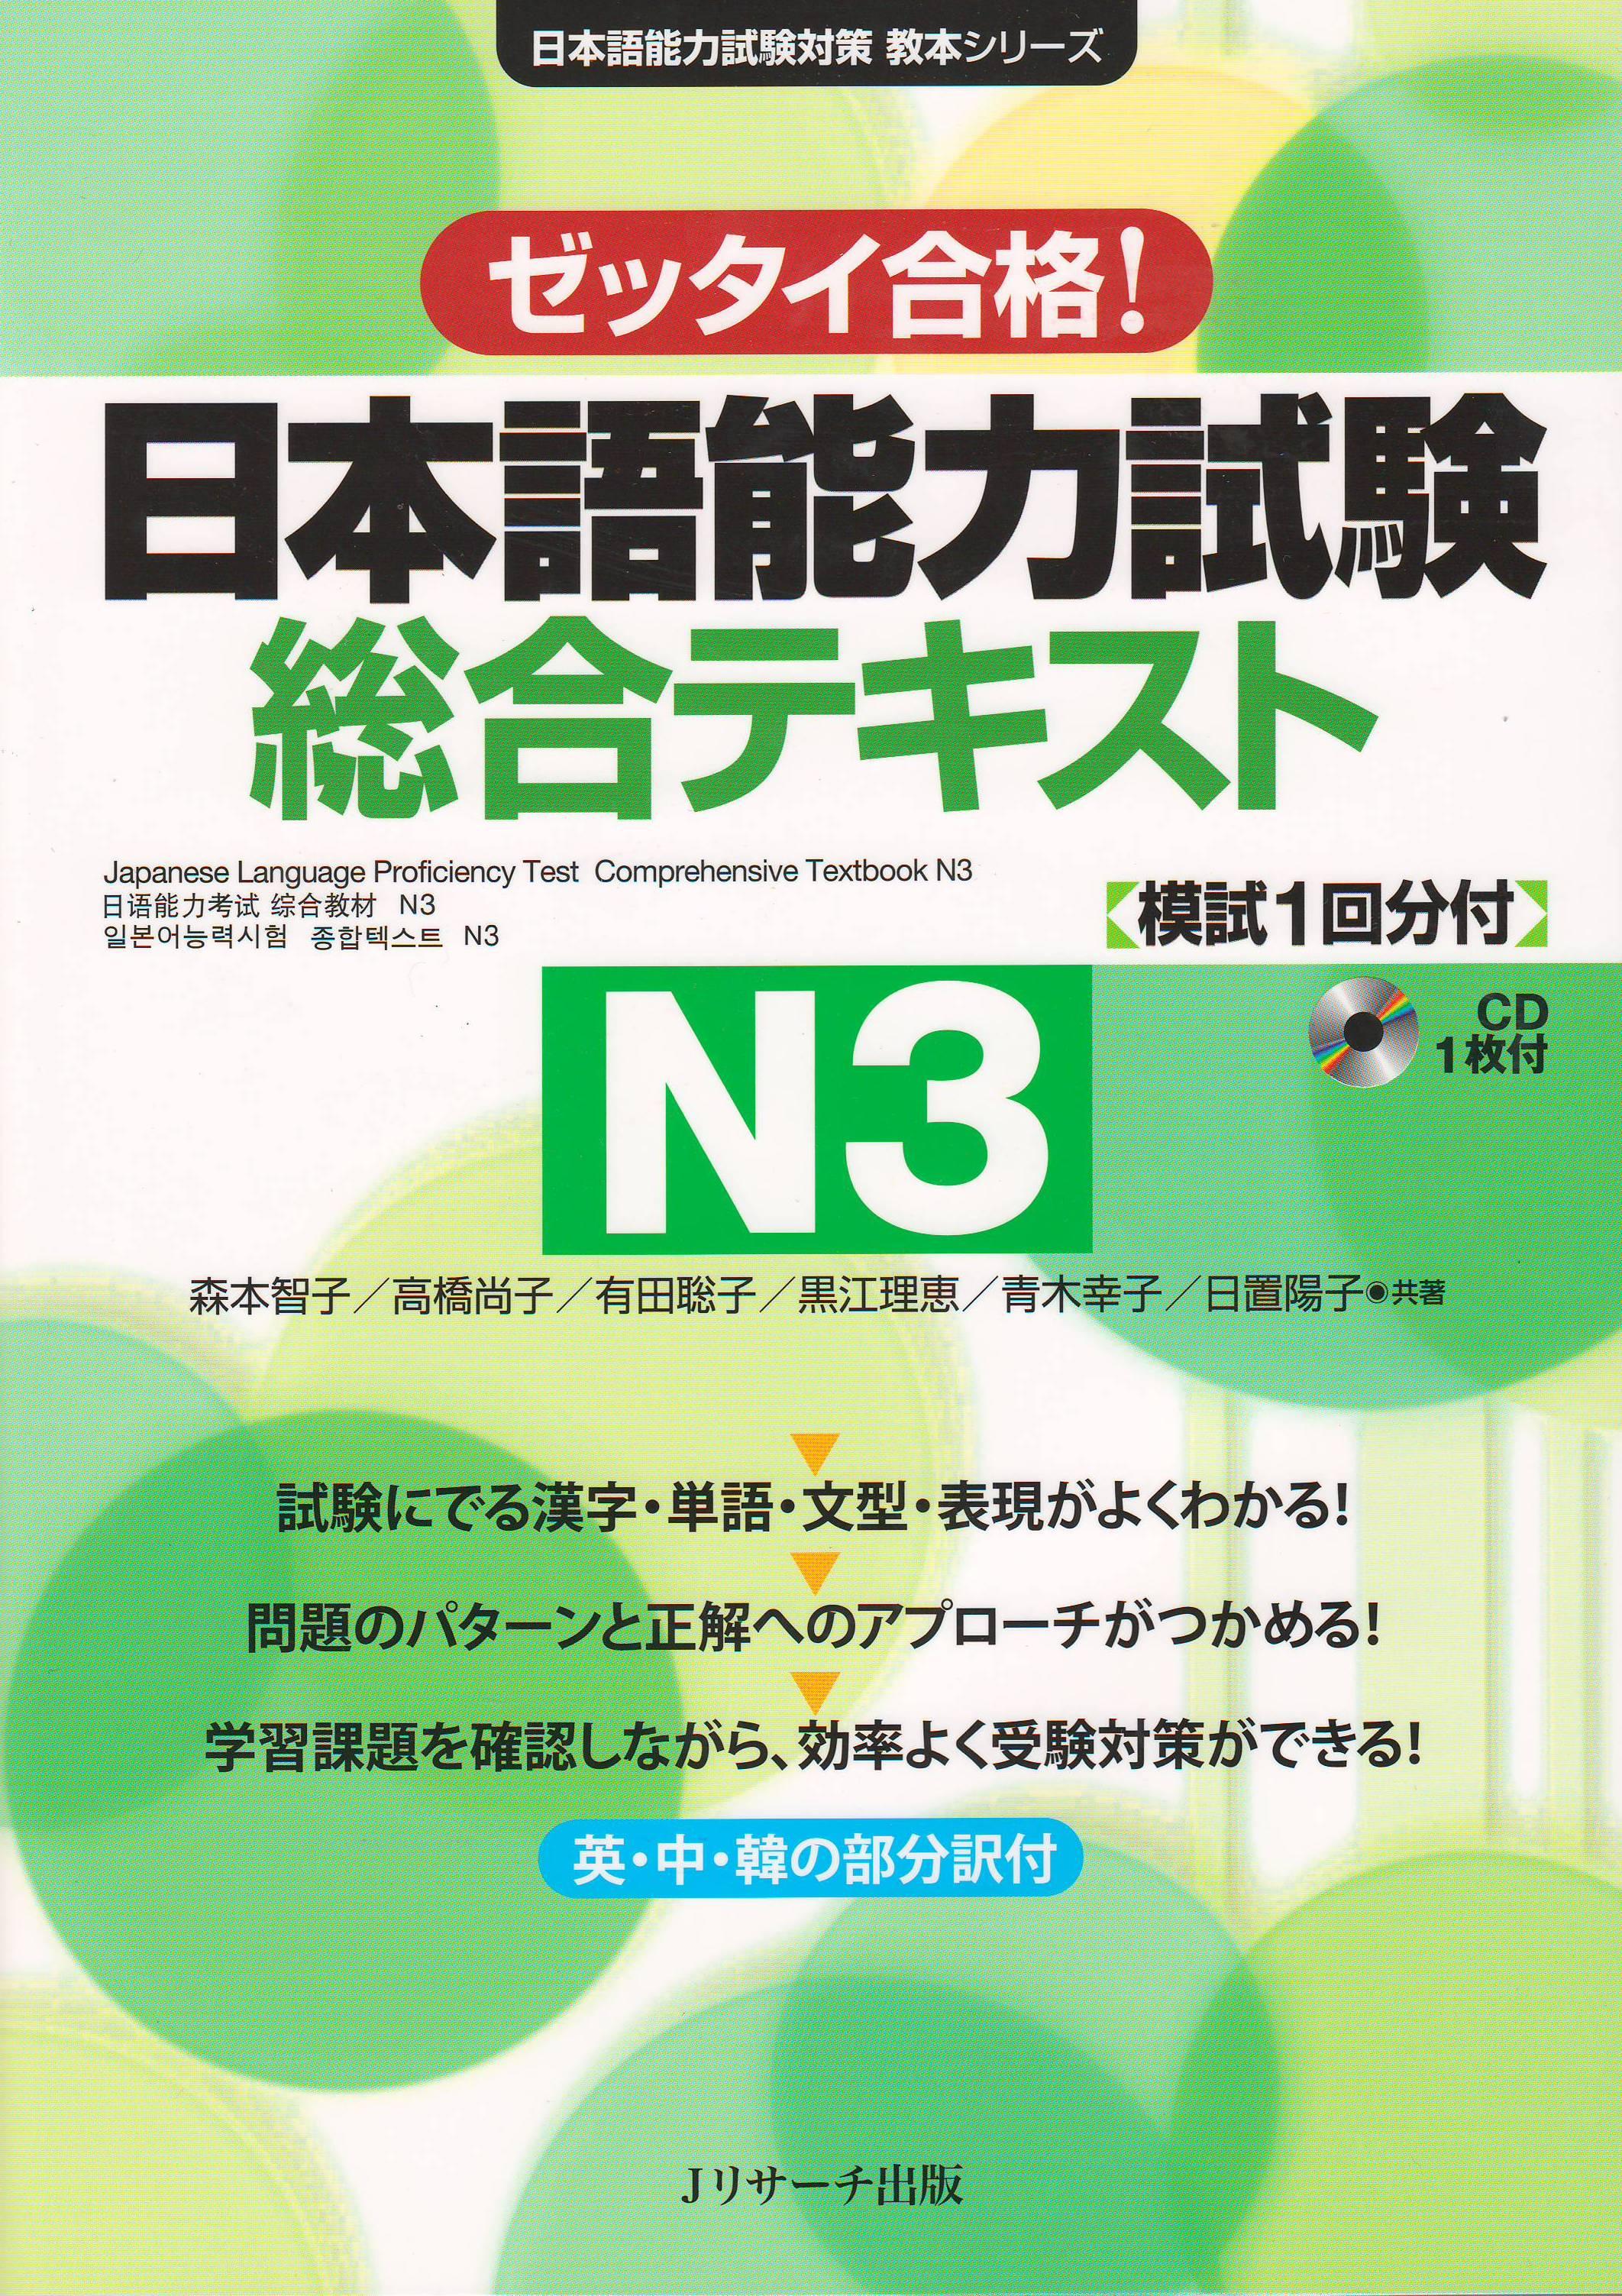 ゼッタイ合格! 日本語能力試験 総合テキストN3画像